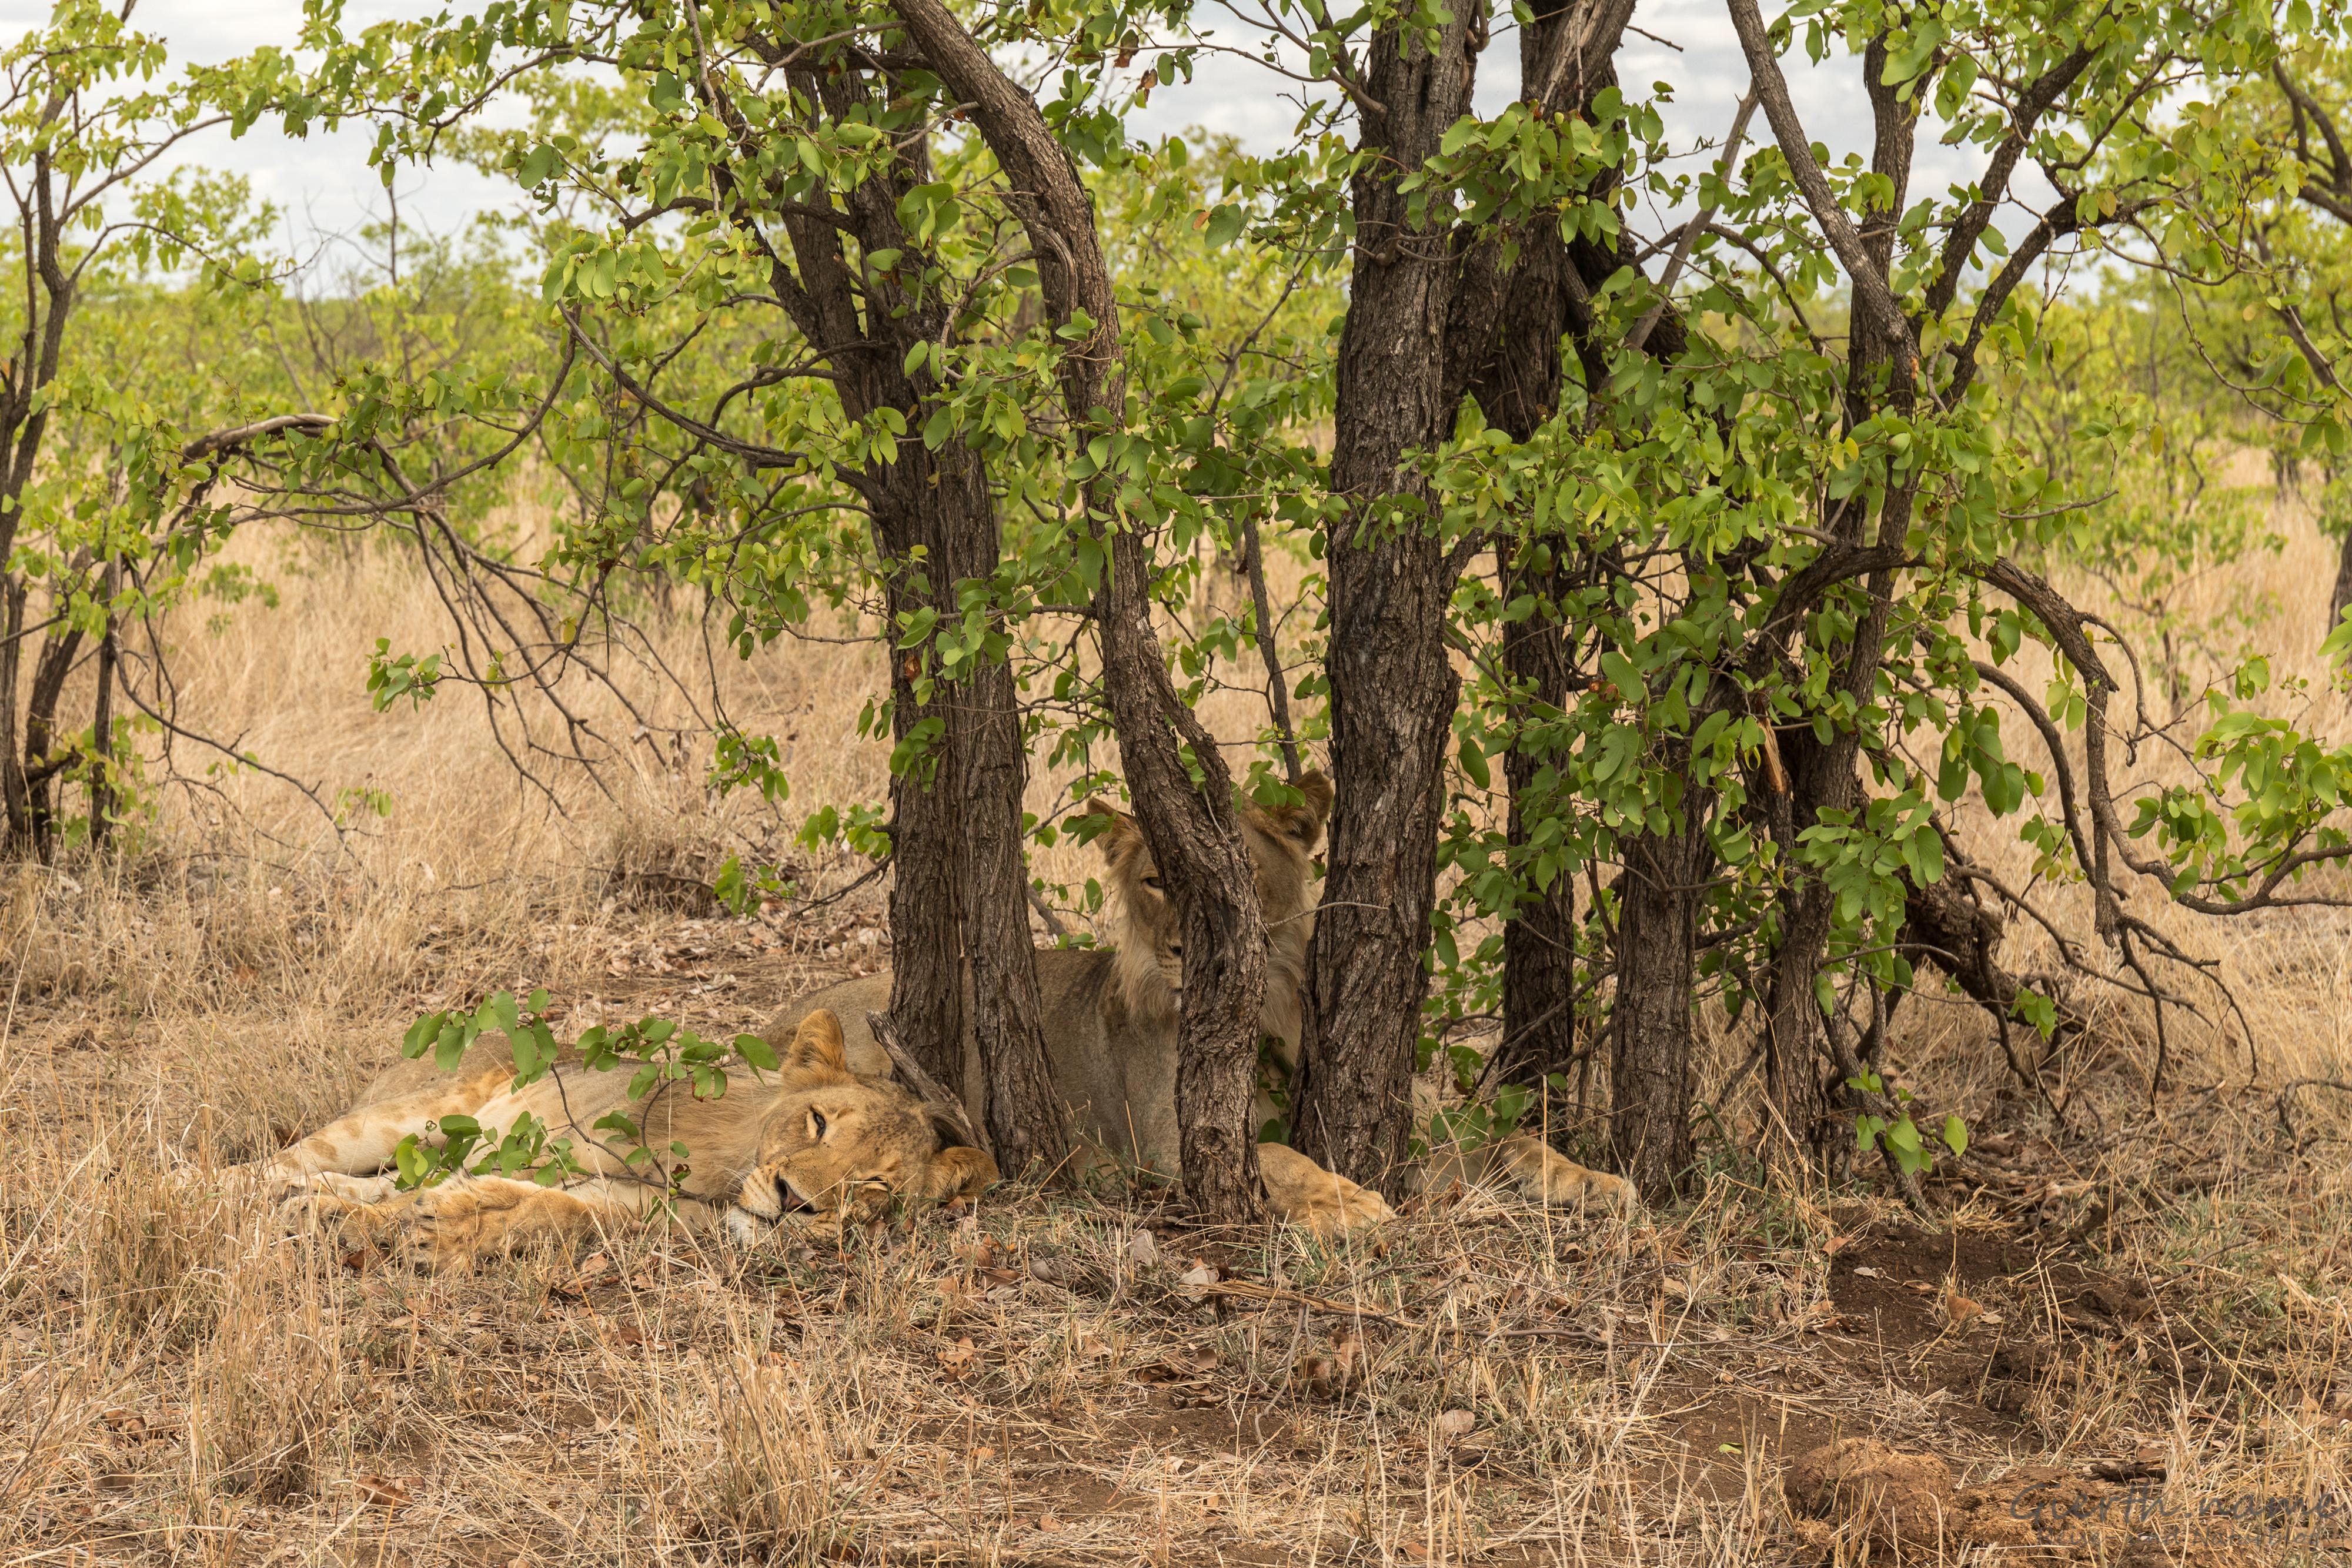 Löwen im Busch